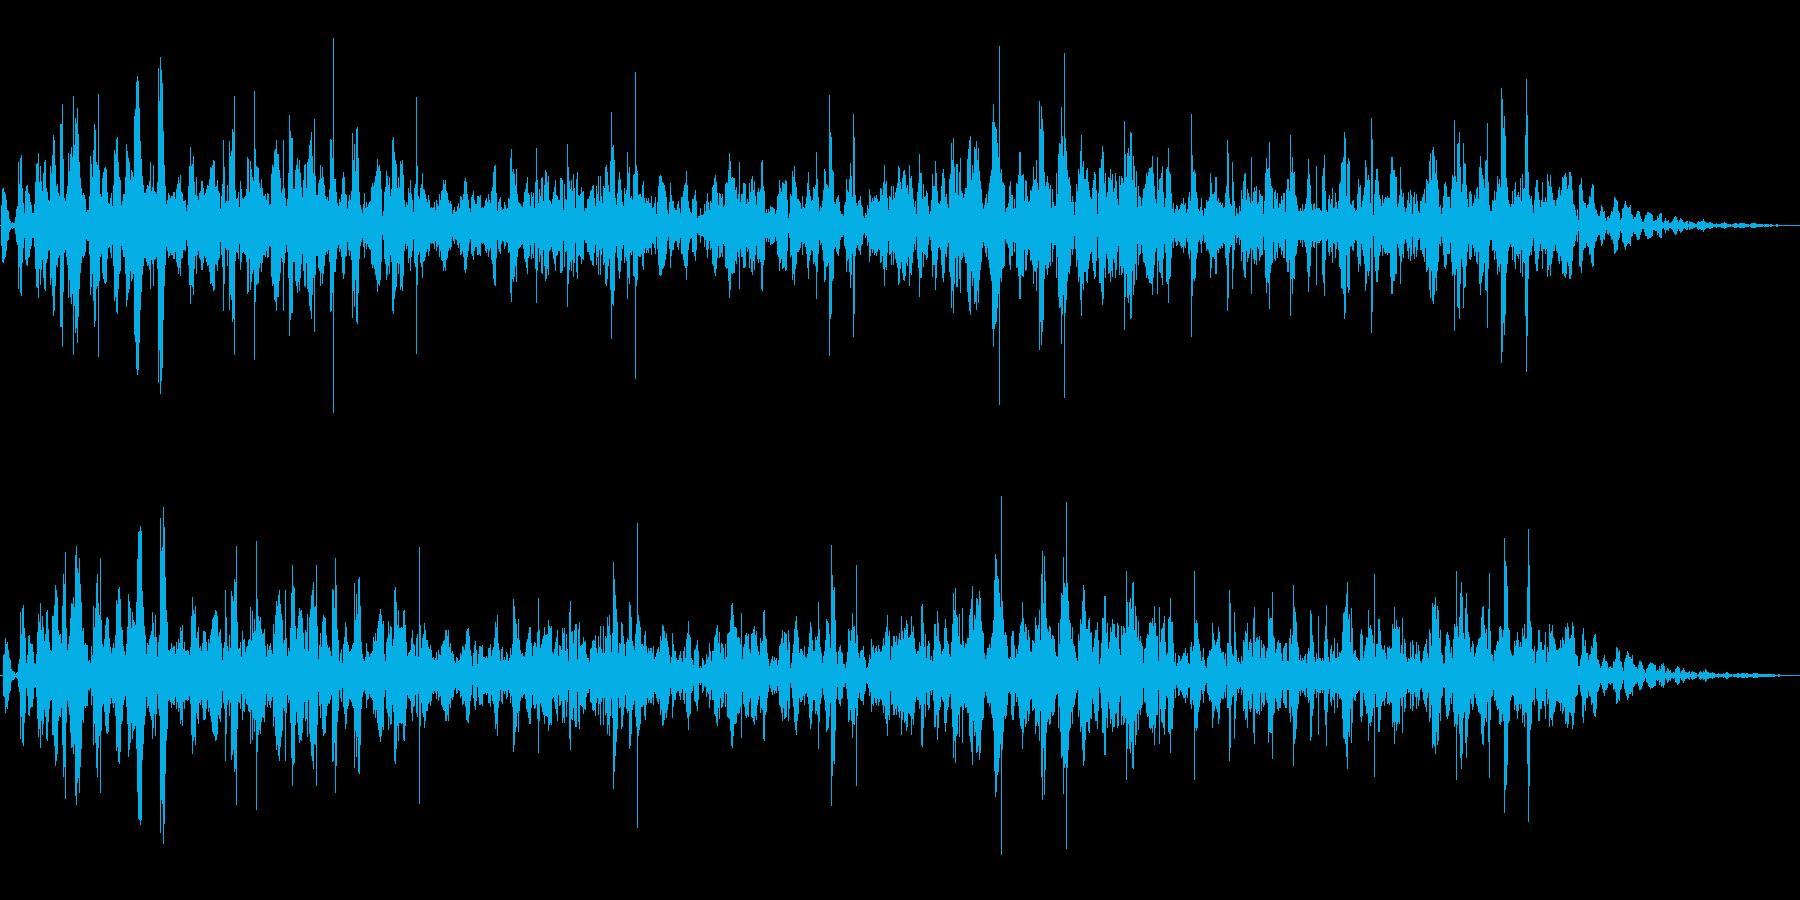 悪魔のスープ(ポコポコと不気味な音)の再生済みの波形